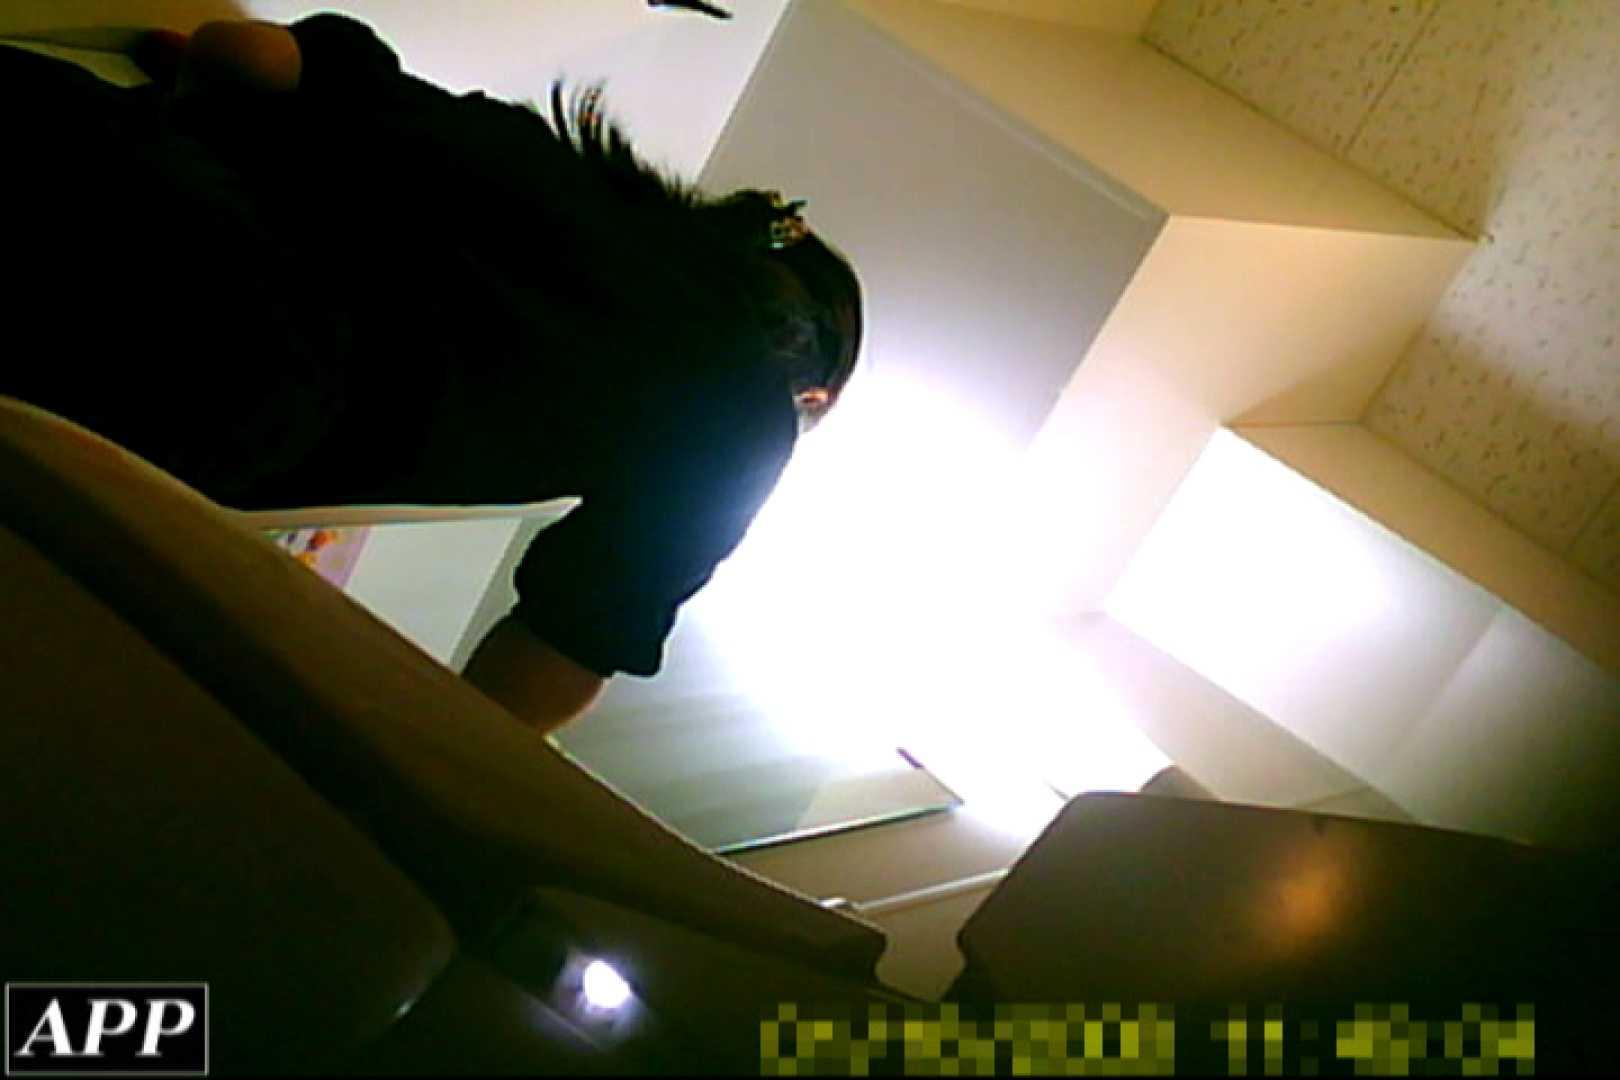 3視点洗面所 vol.127 OLのボディ オメコ無修正動画無料 100PIX 93